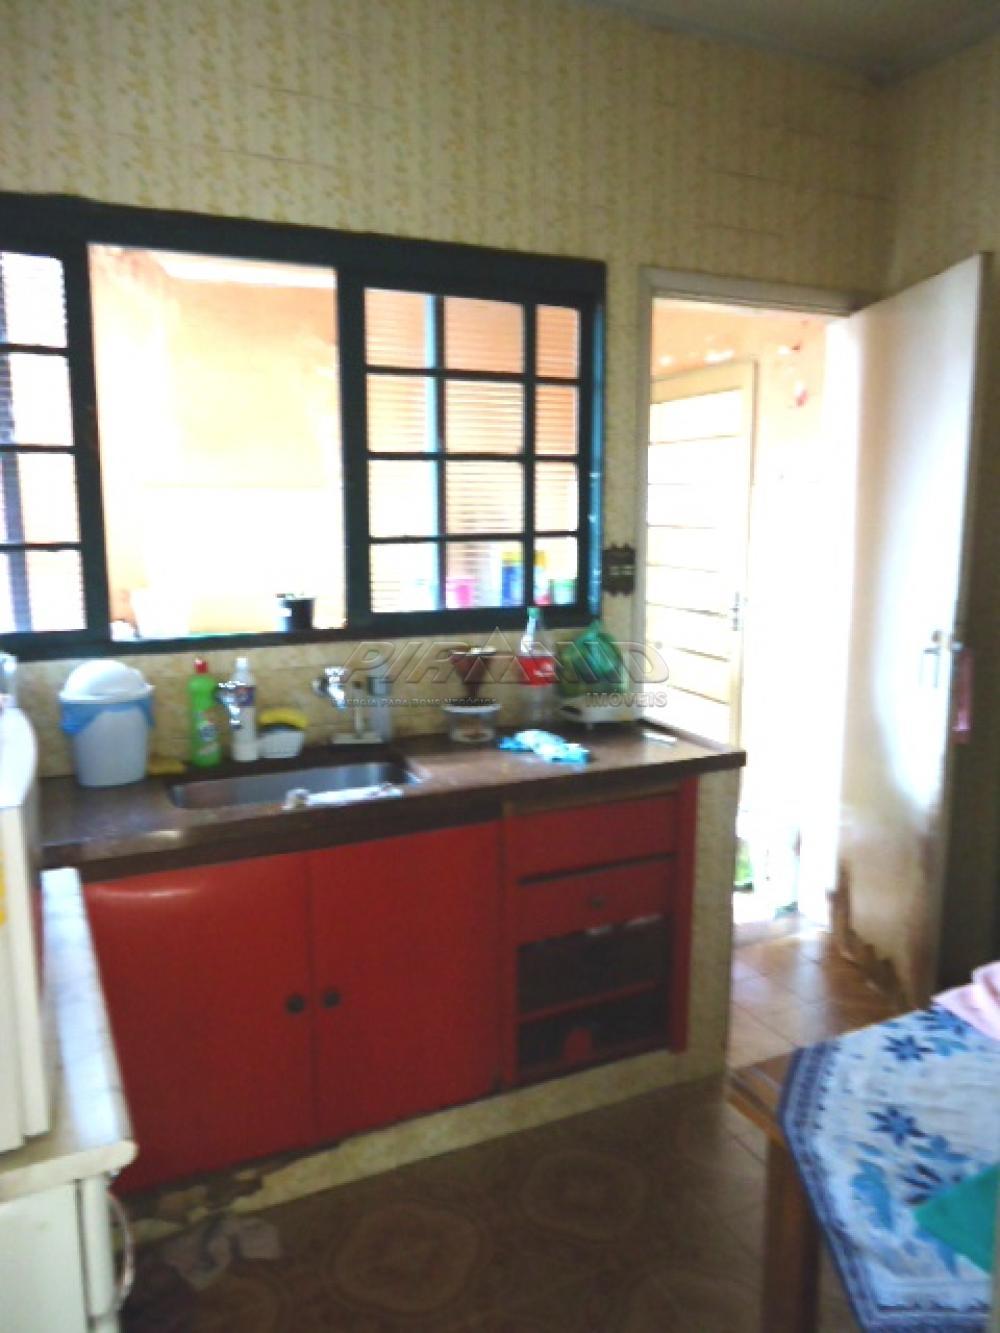 Comprar Casa / Padrão em Ribeirão Preto R$ 286.000,00 - Foto 11